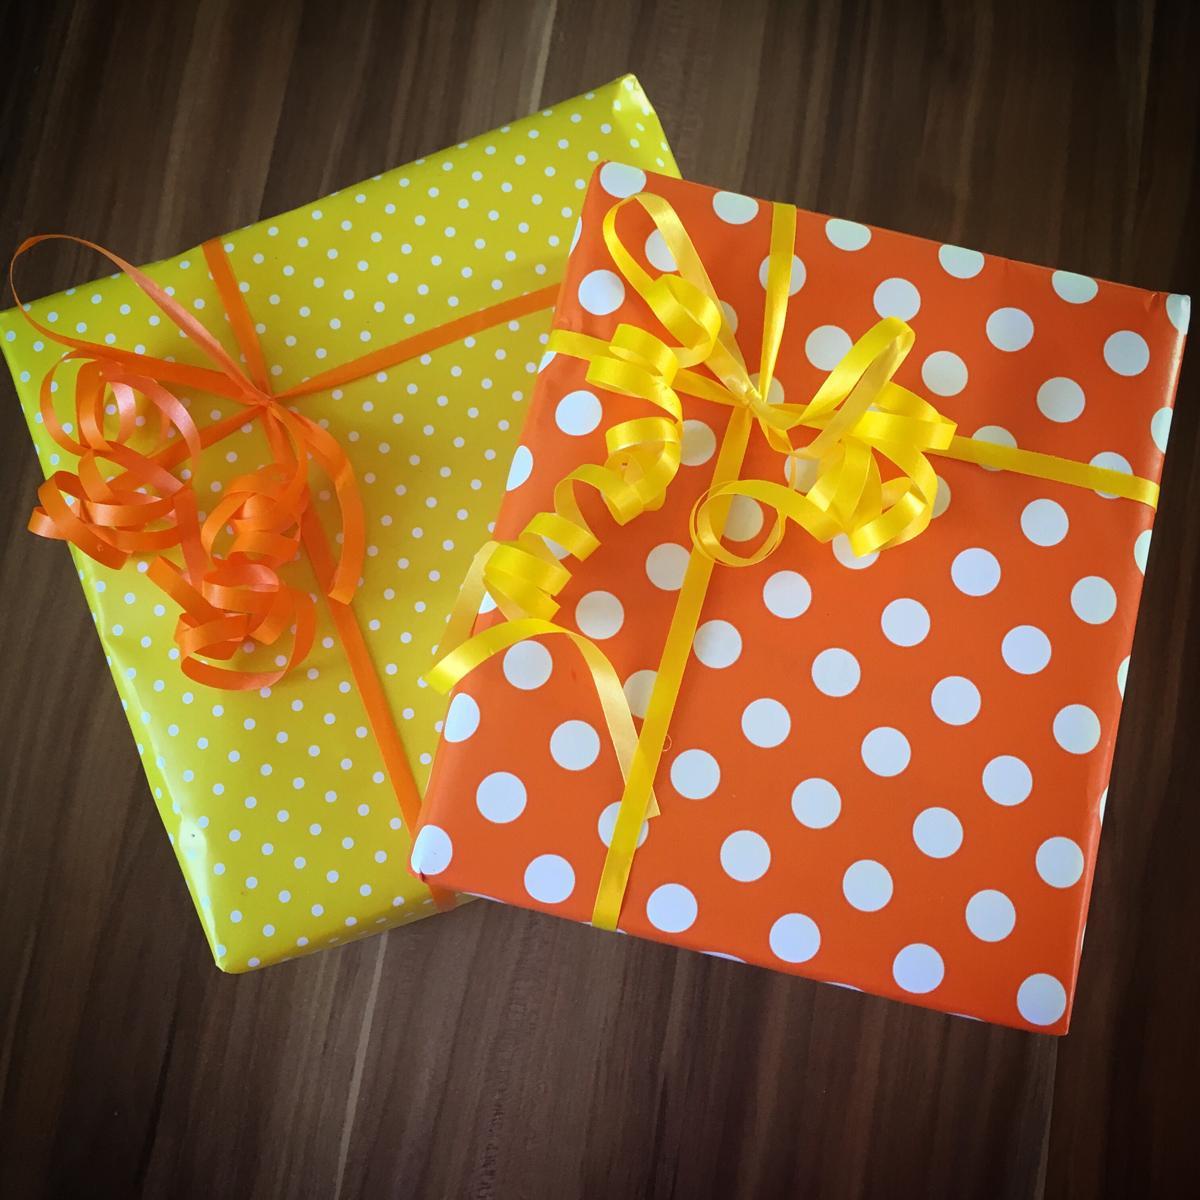 Ideen für Geschenke zum Kindergeburtstag